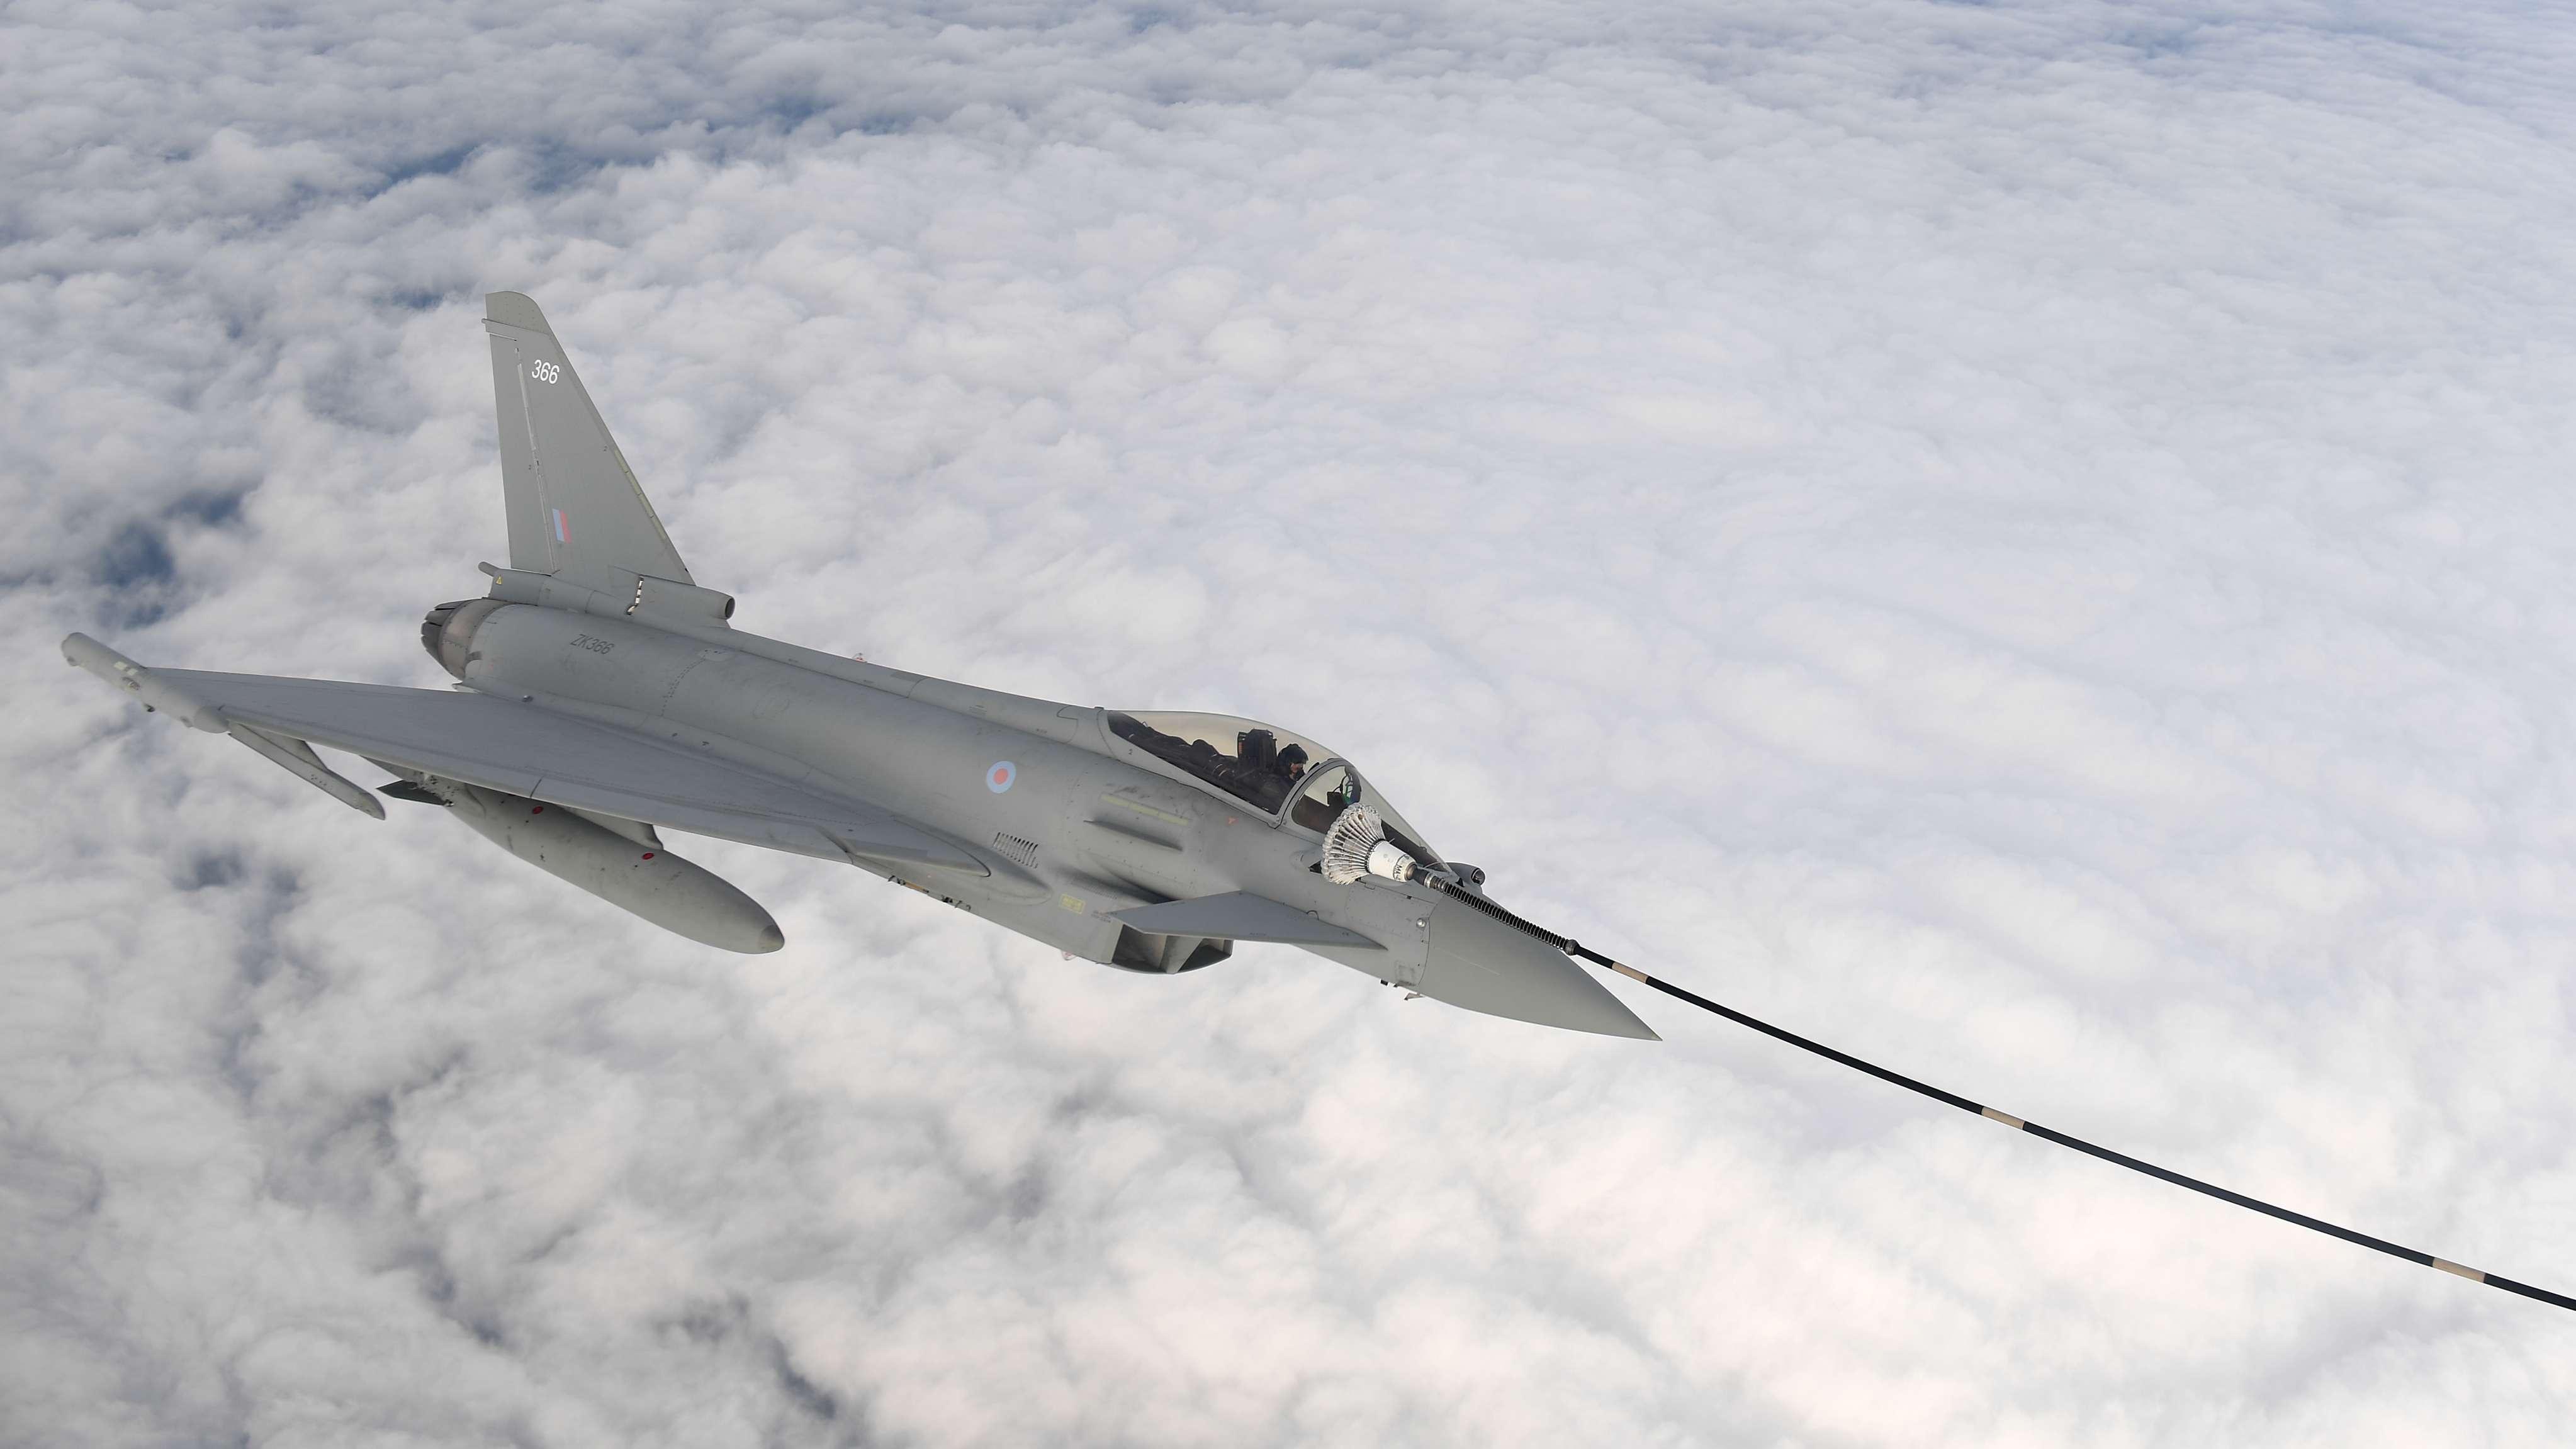 Eurofighter Typhoon beim Auftanken in der Luft (Symbolbild)